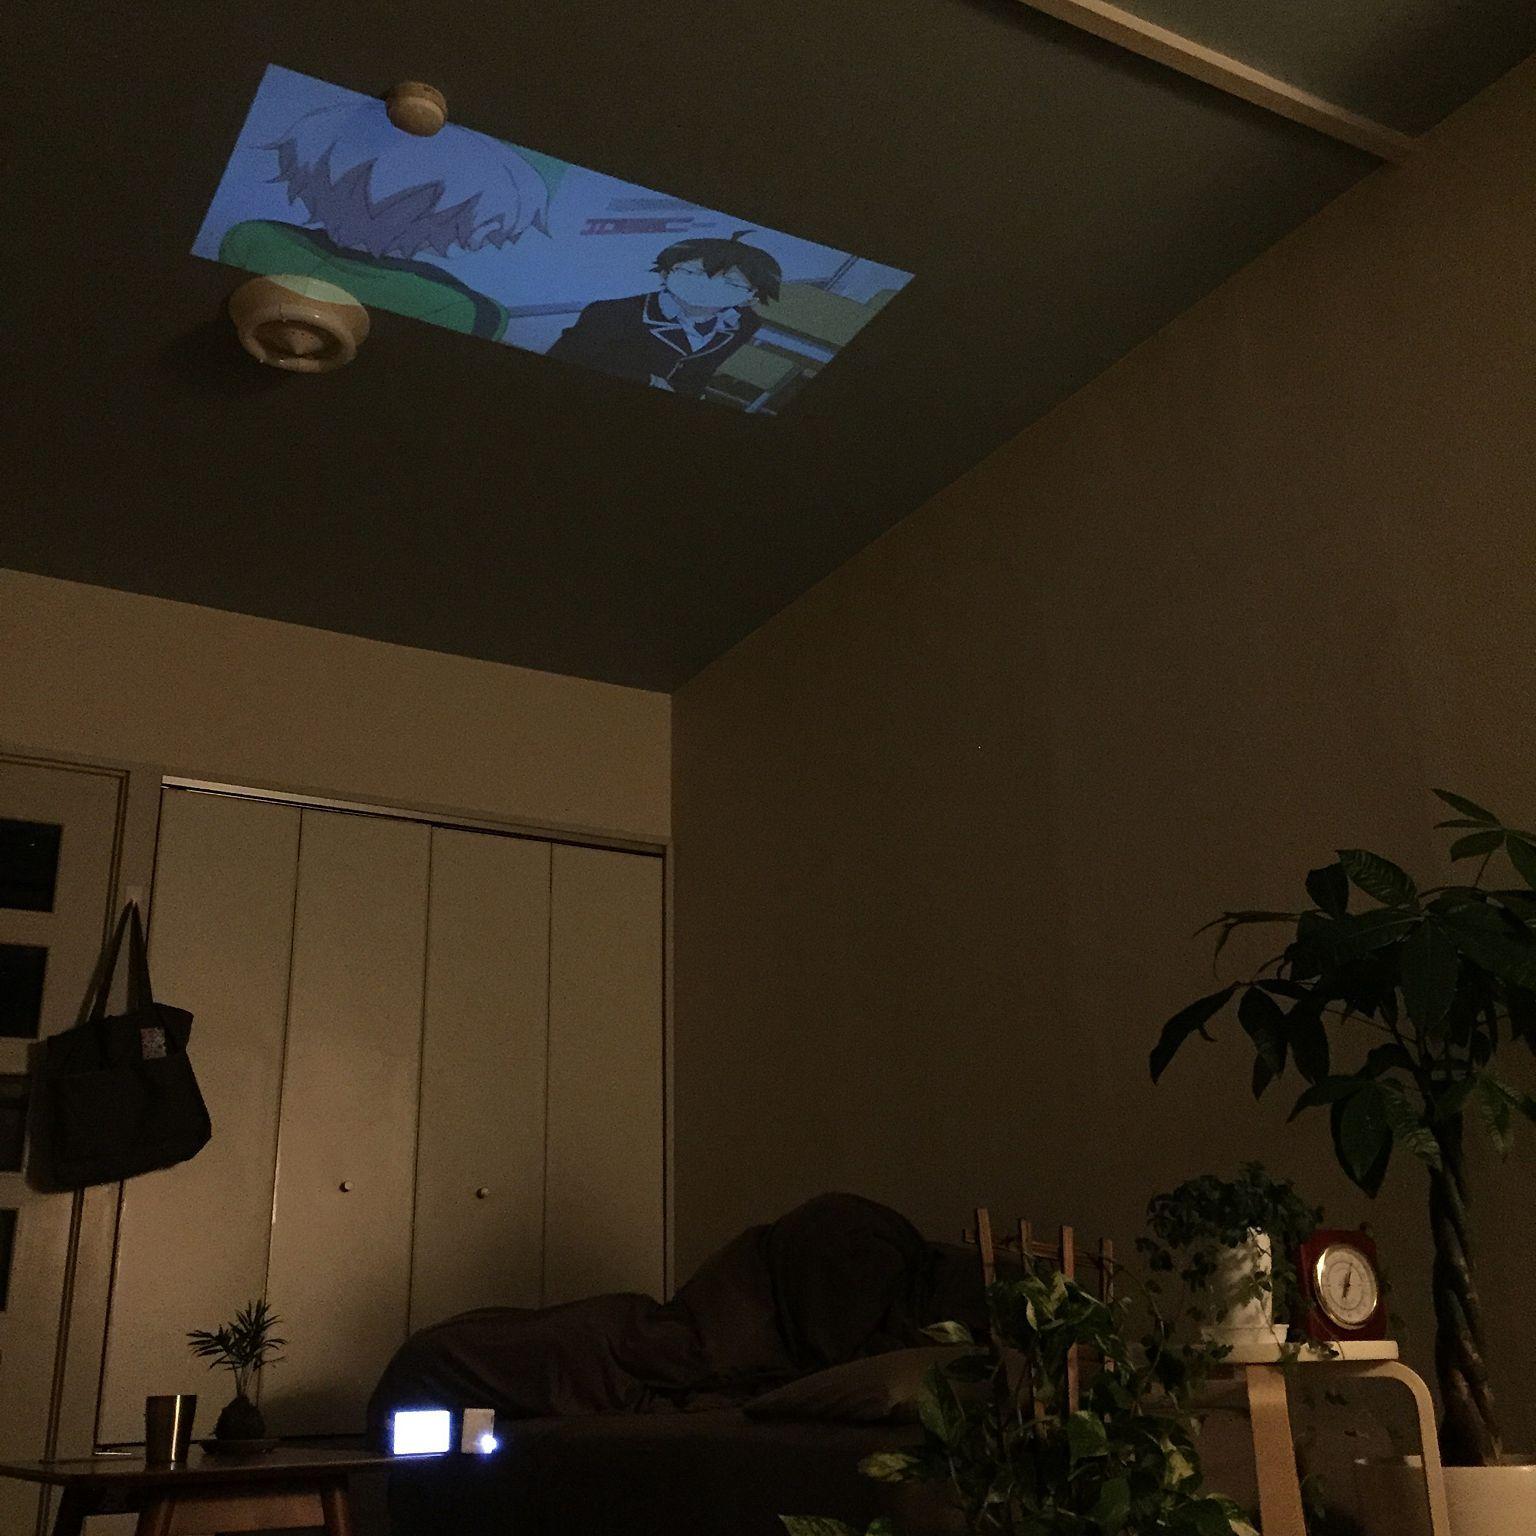 壁 天井 一人暮らし 賃貸 プロジェクターのインテリア実例 2015 04 16 02 45 07 Roomclip ルームクリップ インテリア インテリア 実例 家